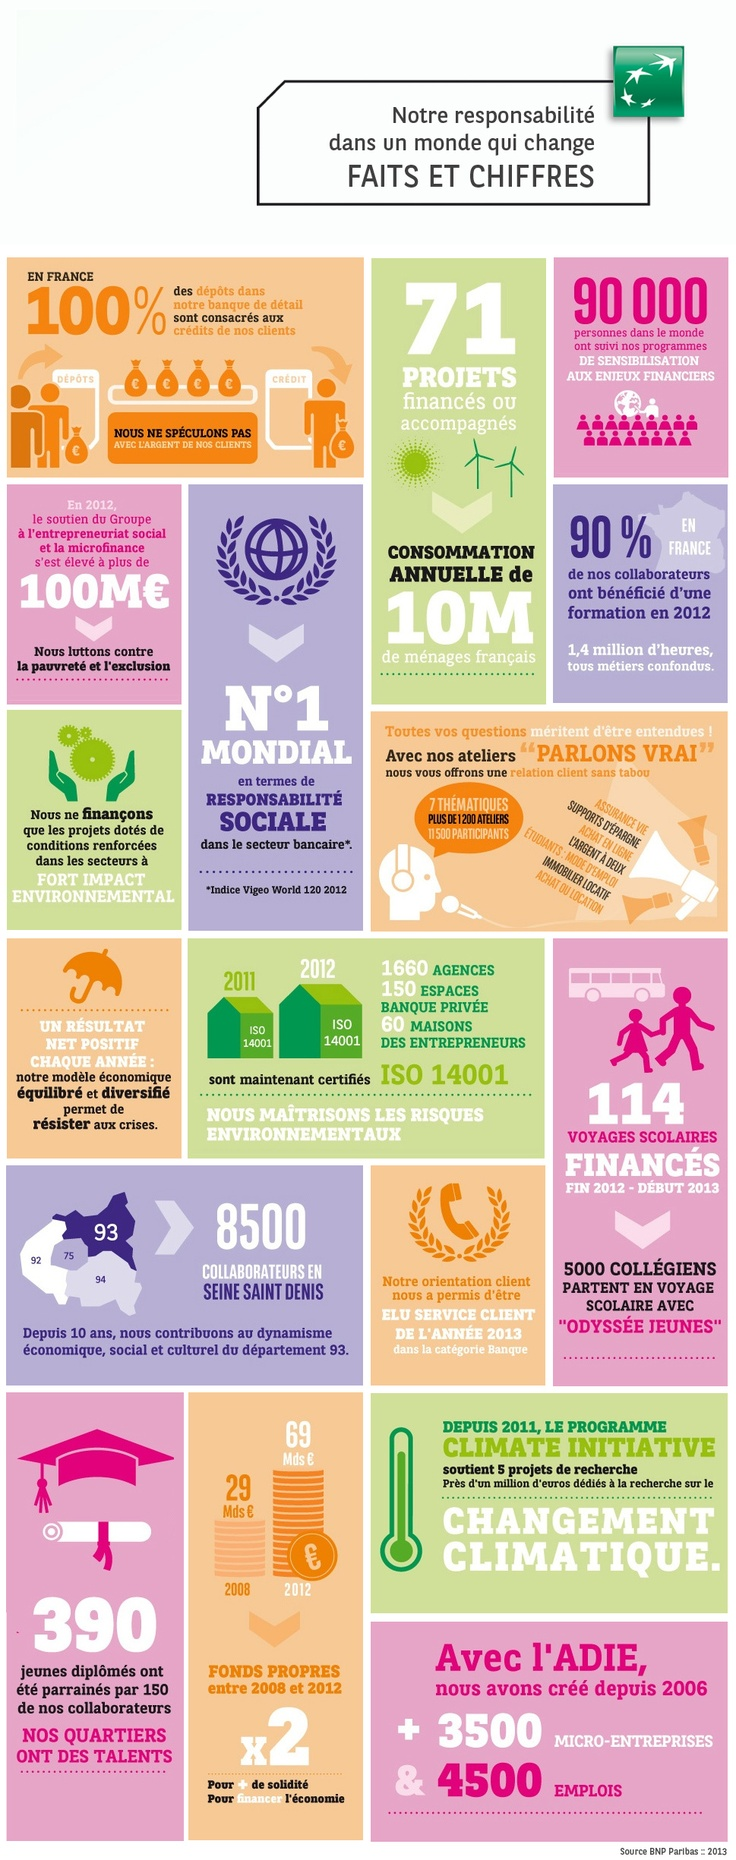 Notre responsabilité dans un monde qui change :: Faits et chiffres :: #banqueresponsable